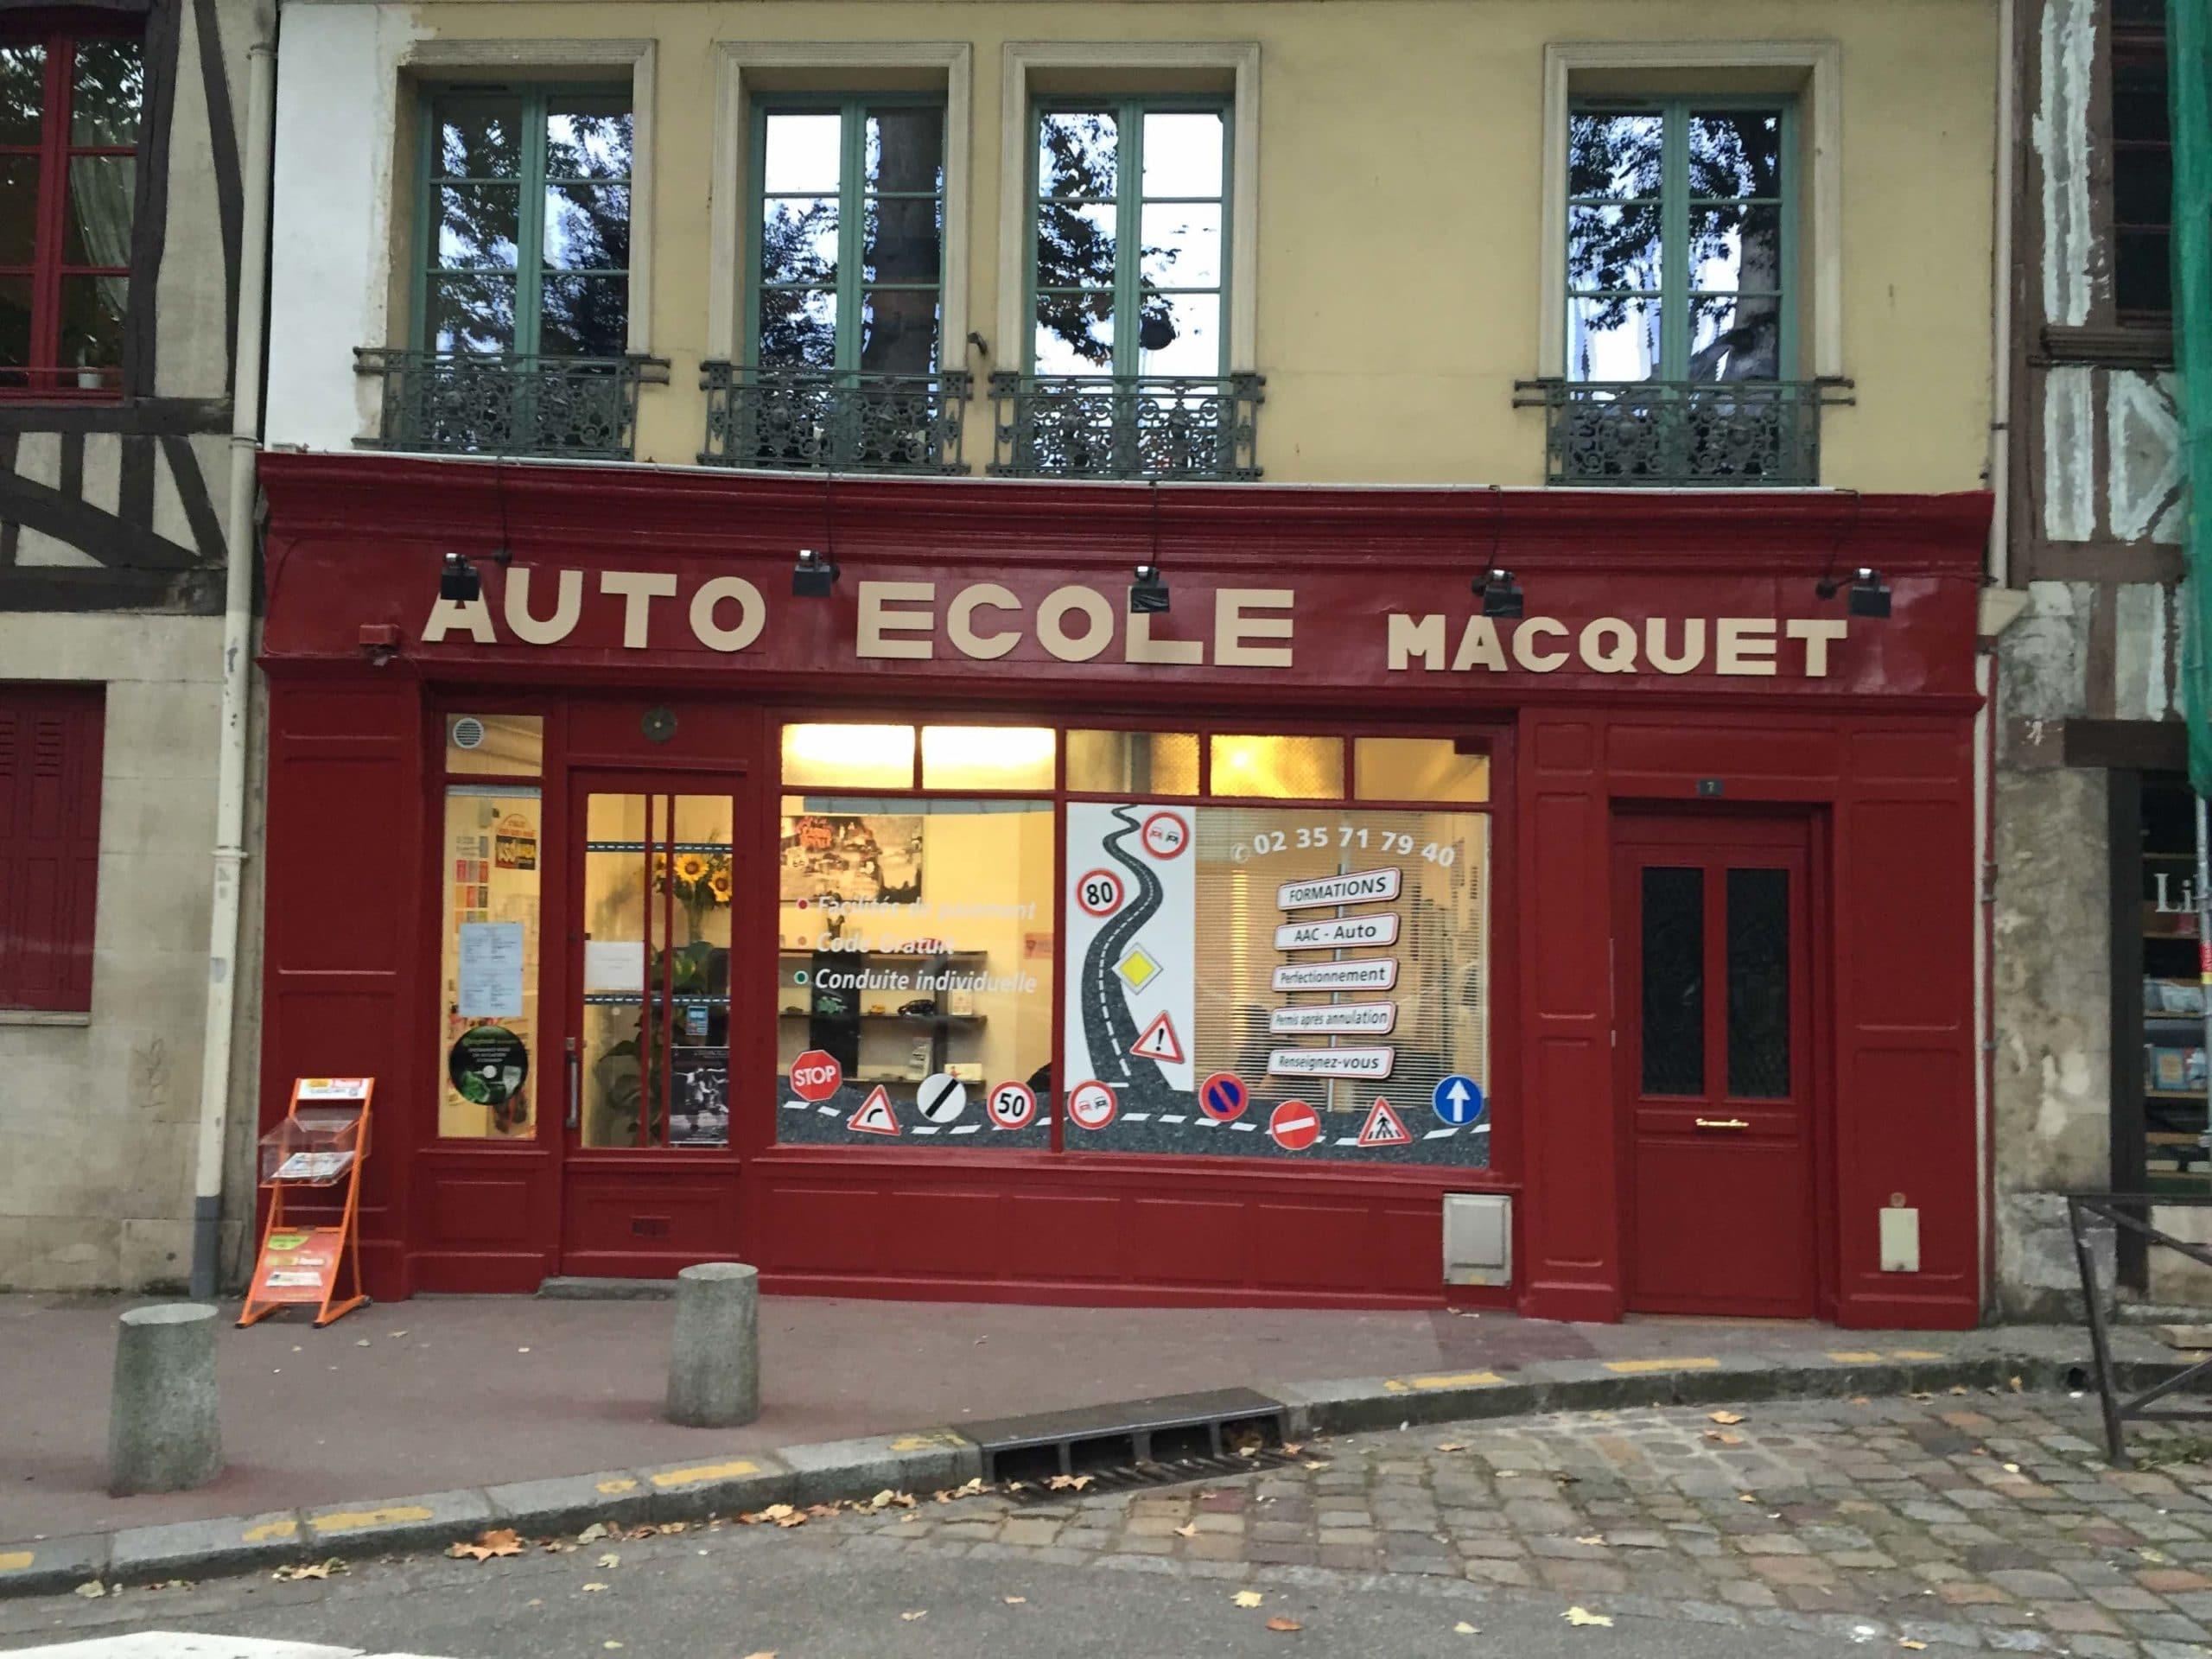 auto-ecole-rouen-macquet-permis-de-conduire-rouen-code-de-la-route-rouen